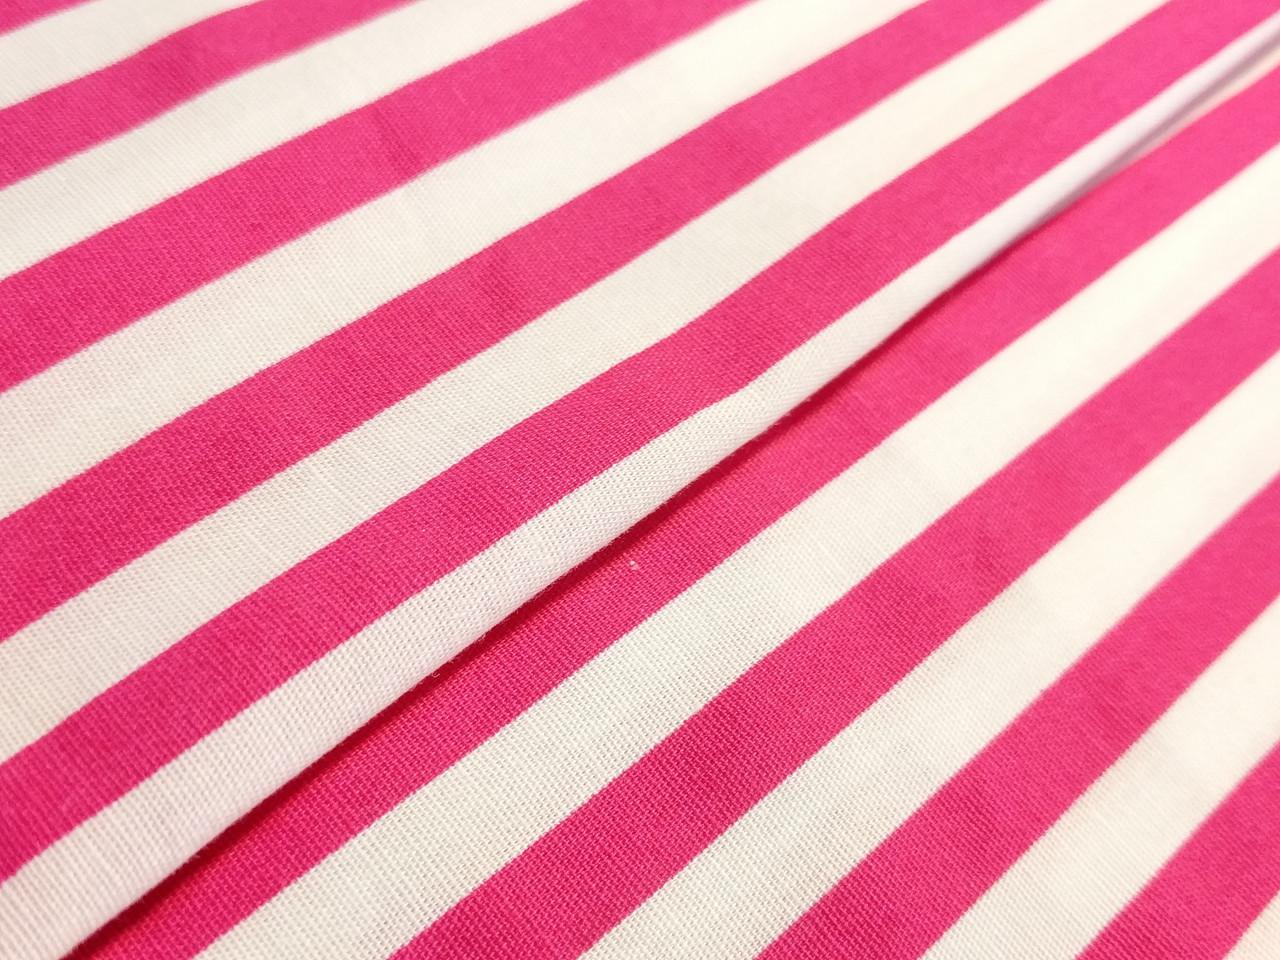 Коттон стрейчевый рубашечный полоска 6 мм, малиновый